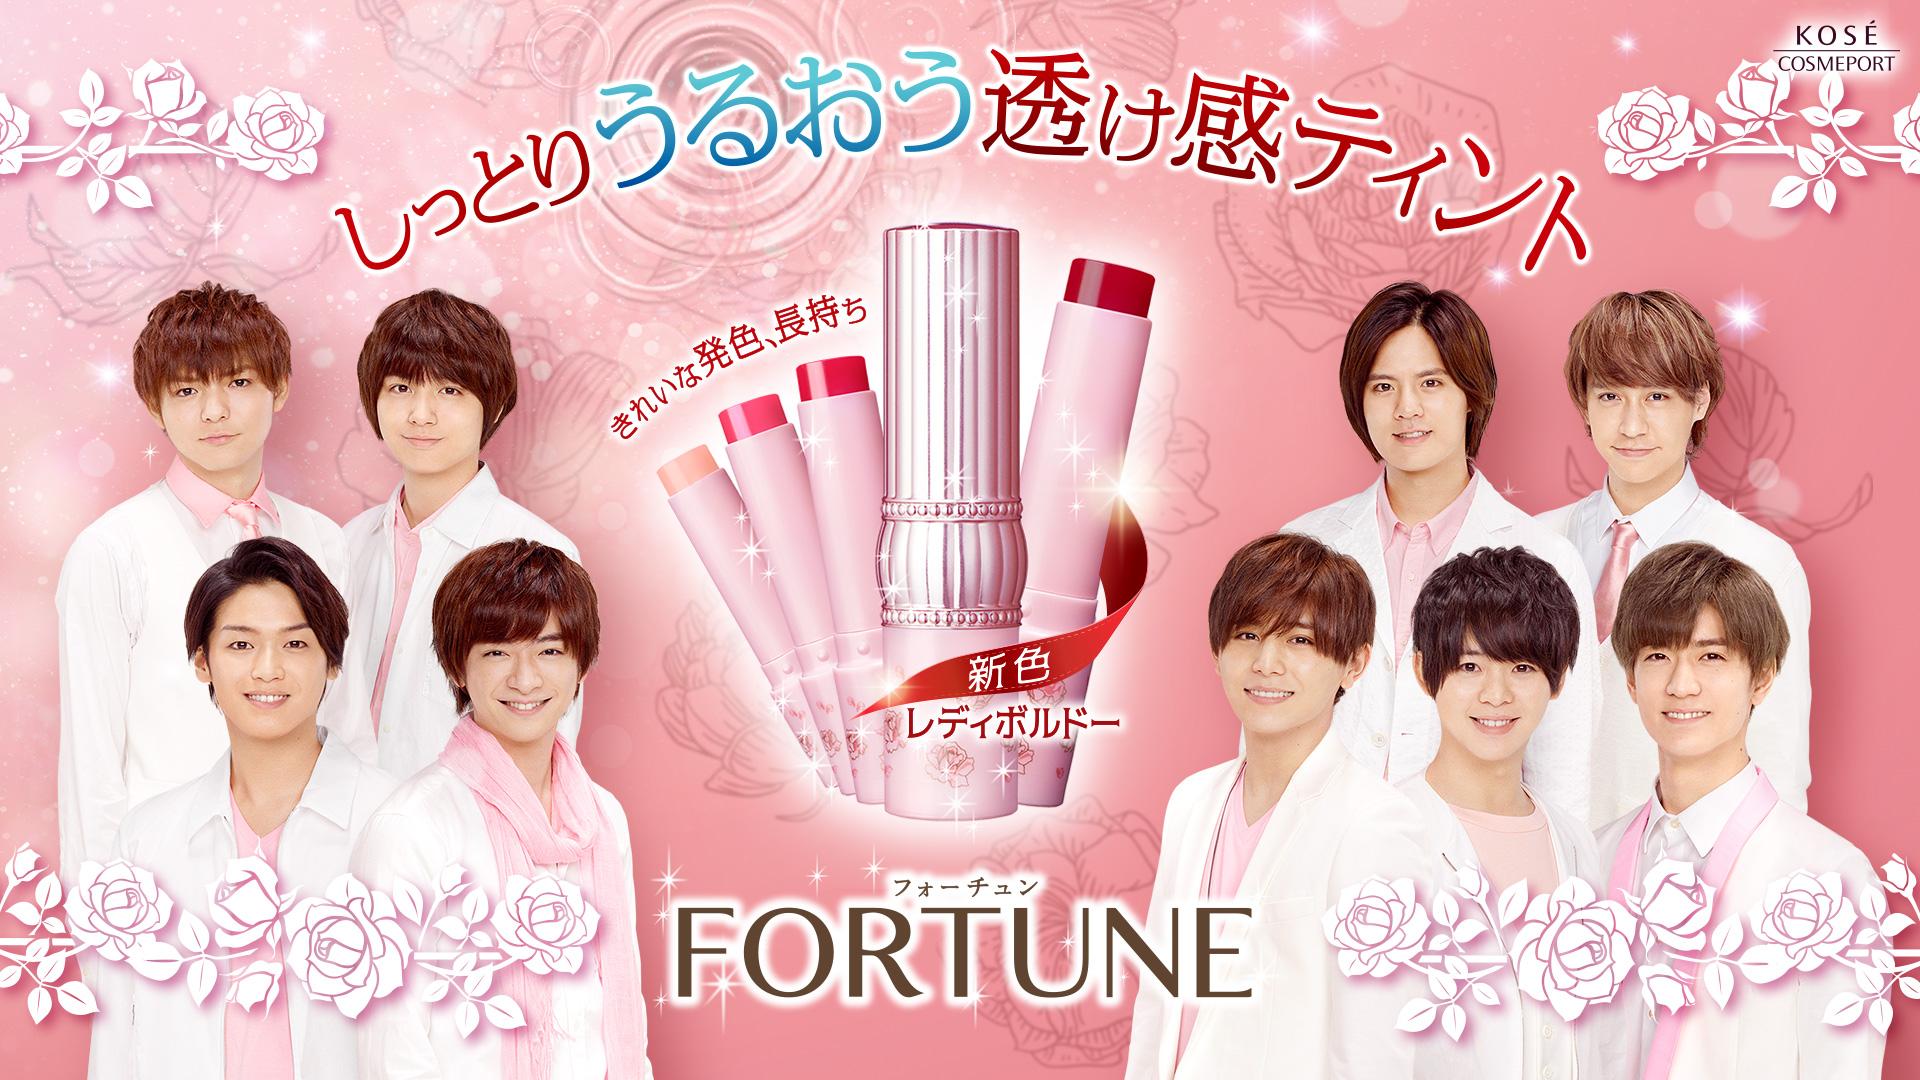 フォーチュン Fortune